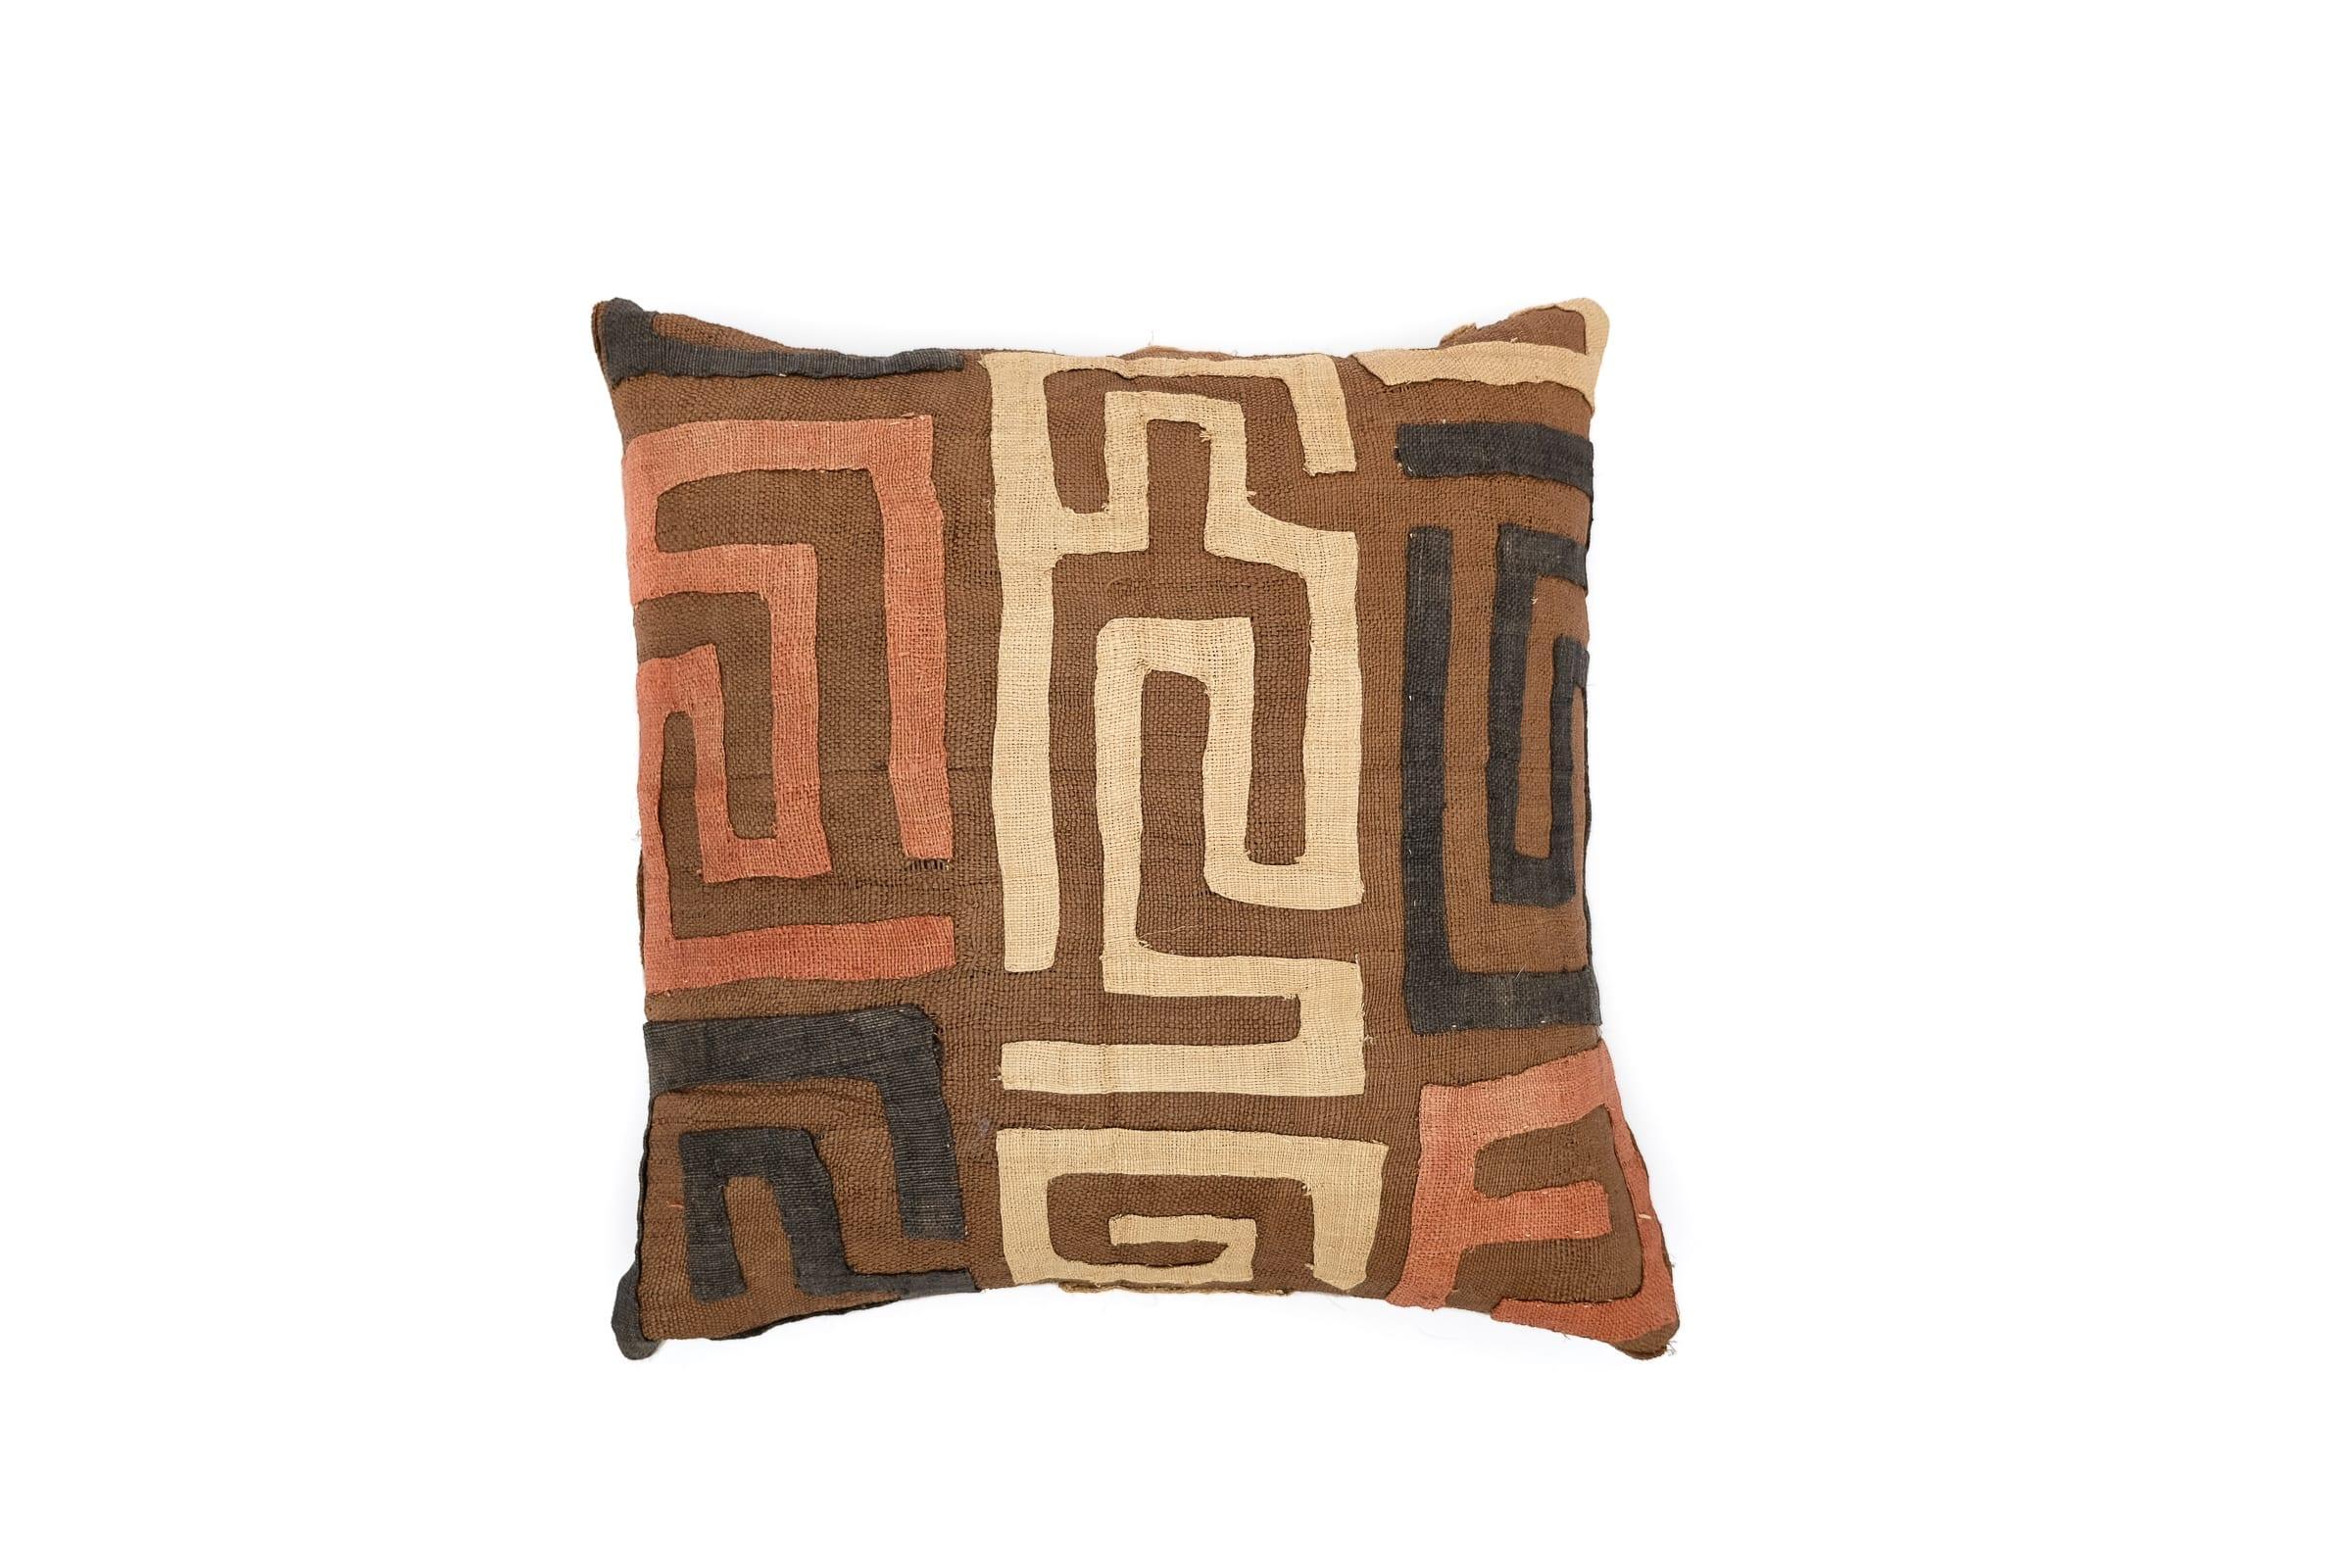 kuba cloth pillows